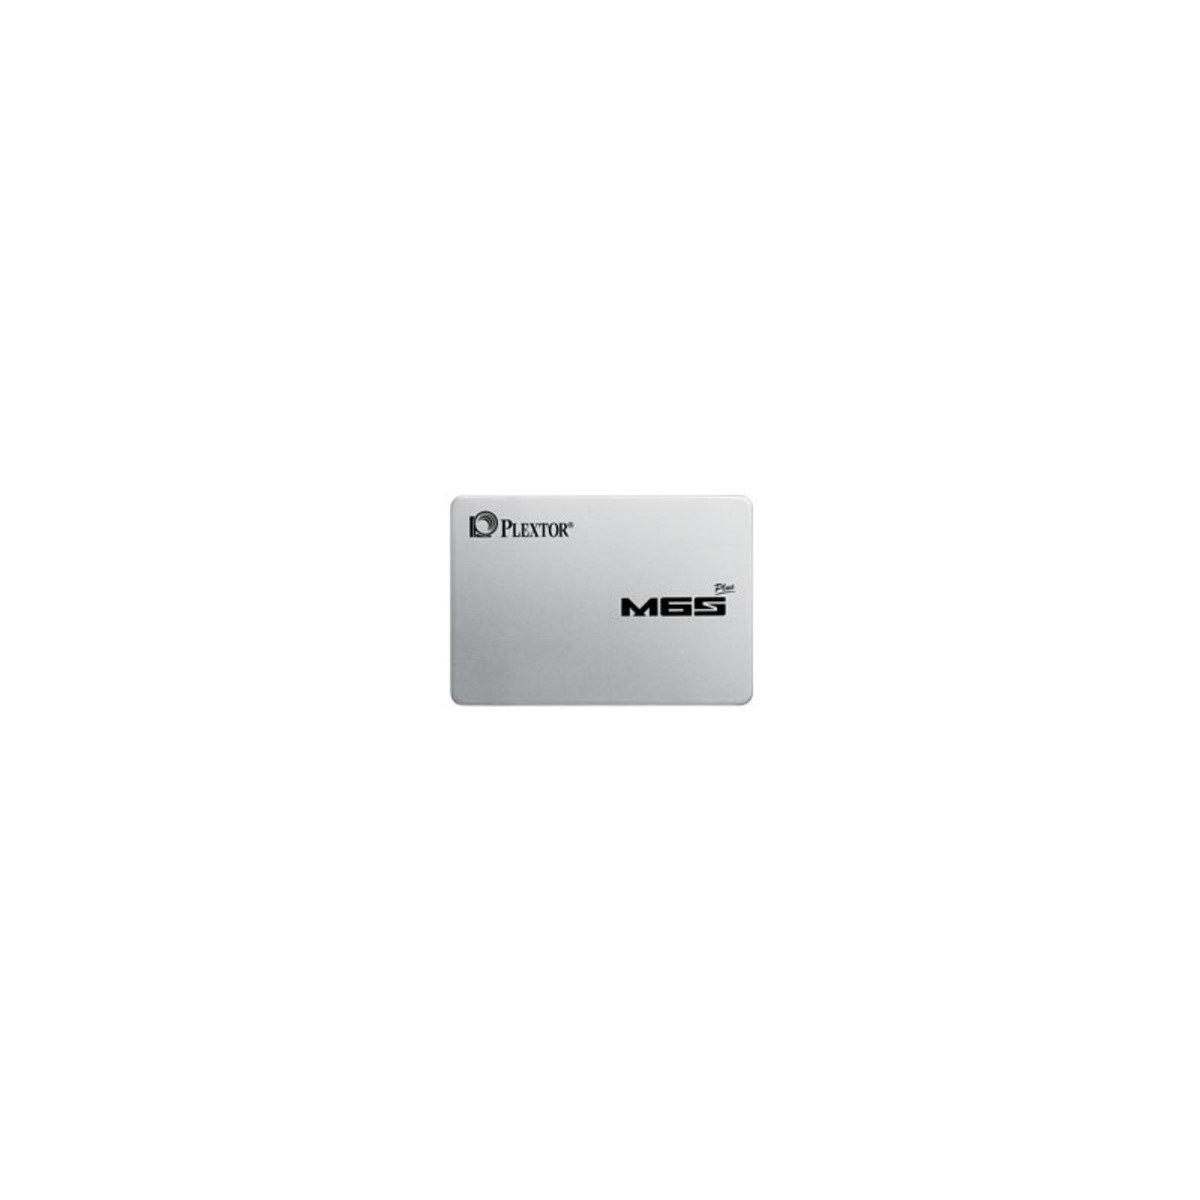 SSD 高速內置固態硬碟 M6S Plus 128GB